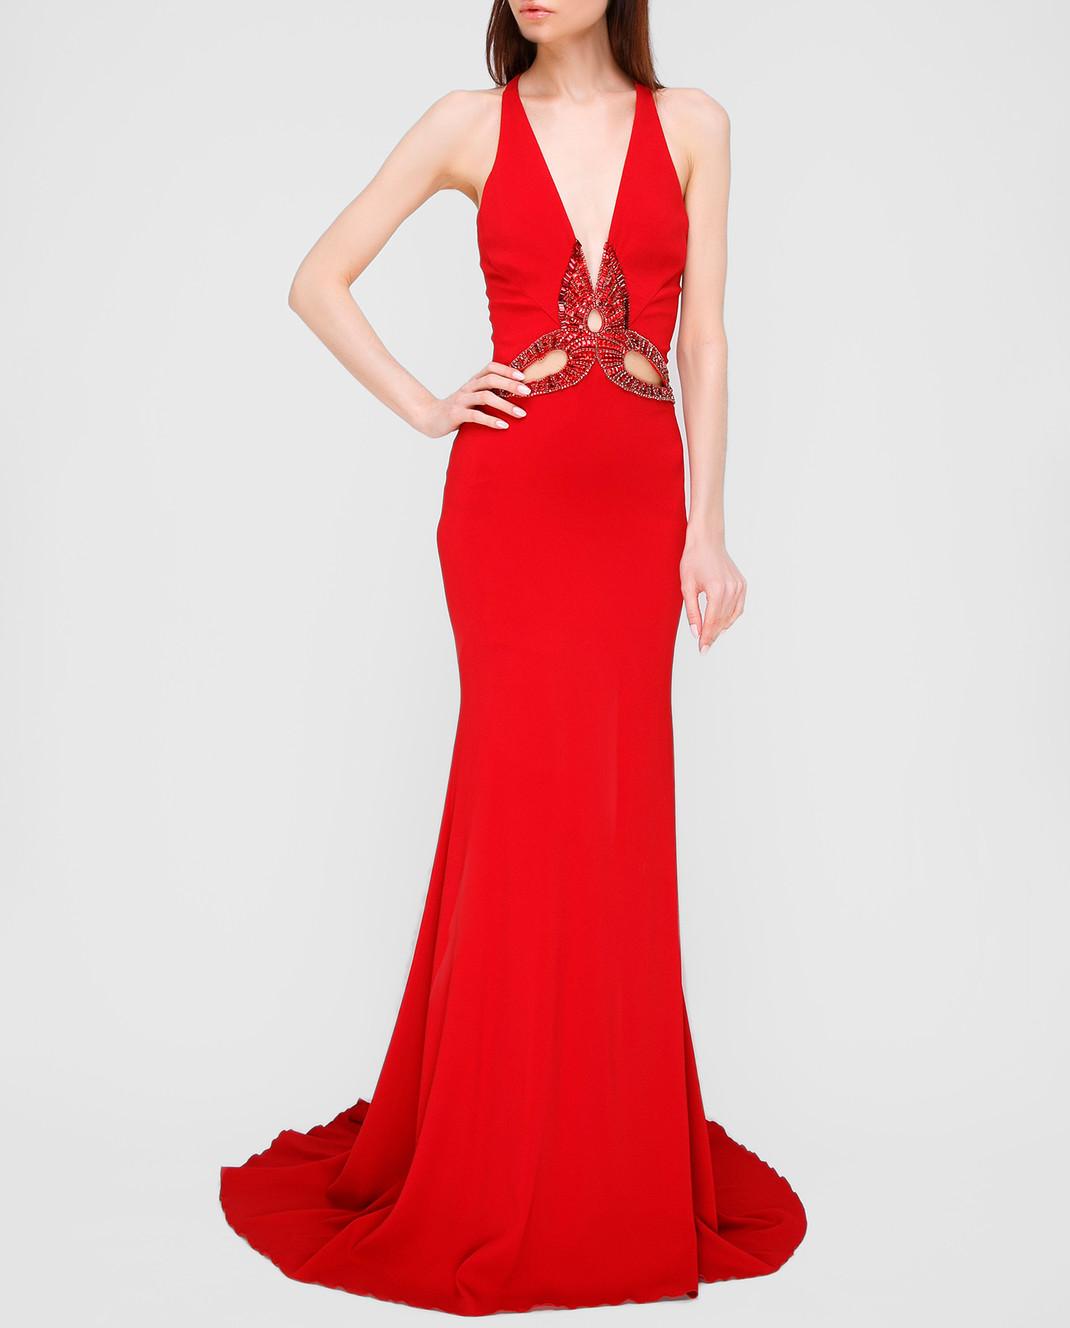 Roberto Cavalli Красное платье со шлейфом XPR184 изображение 2